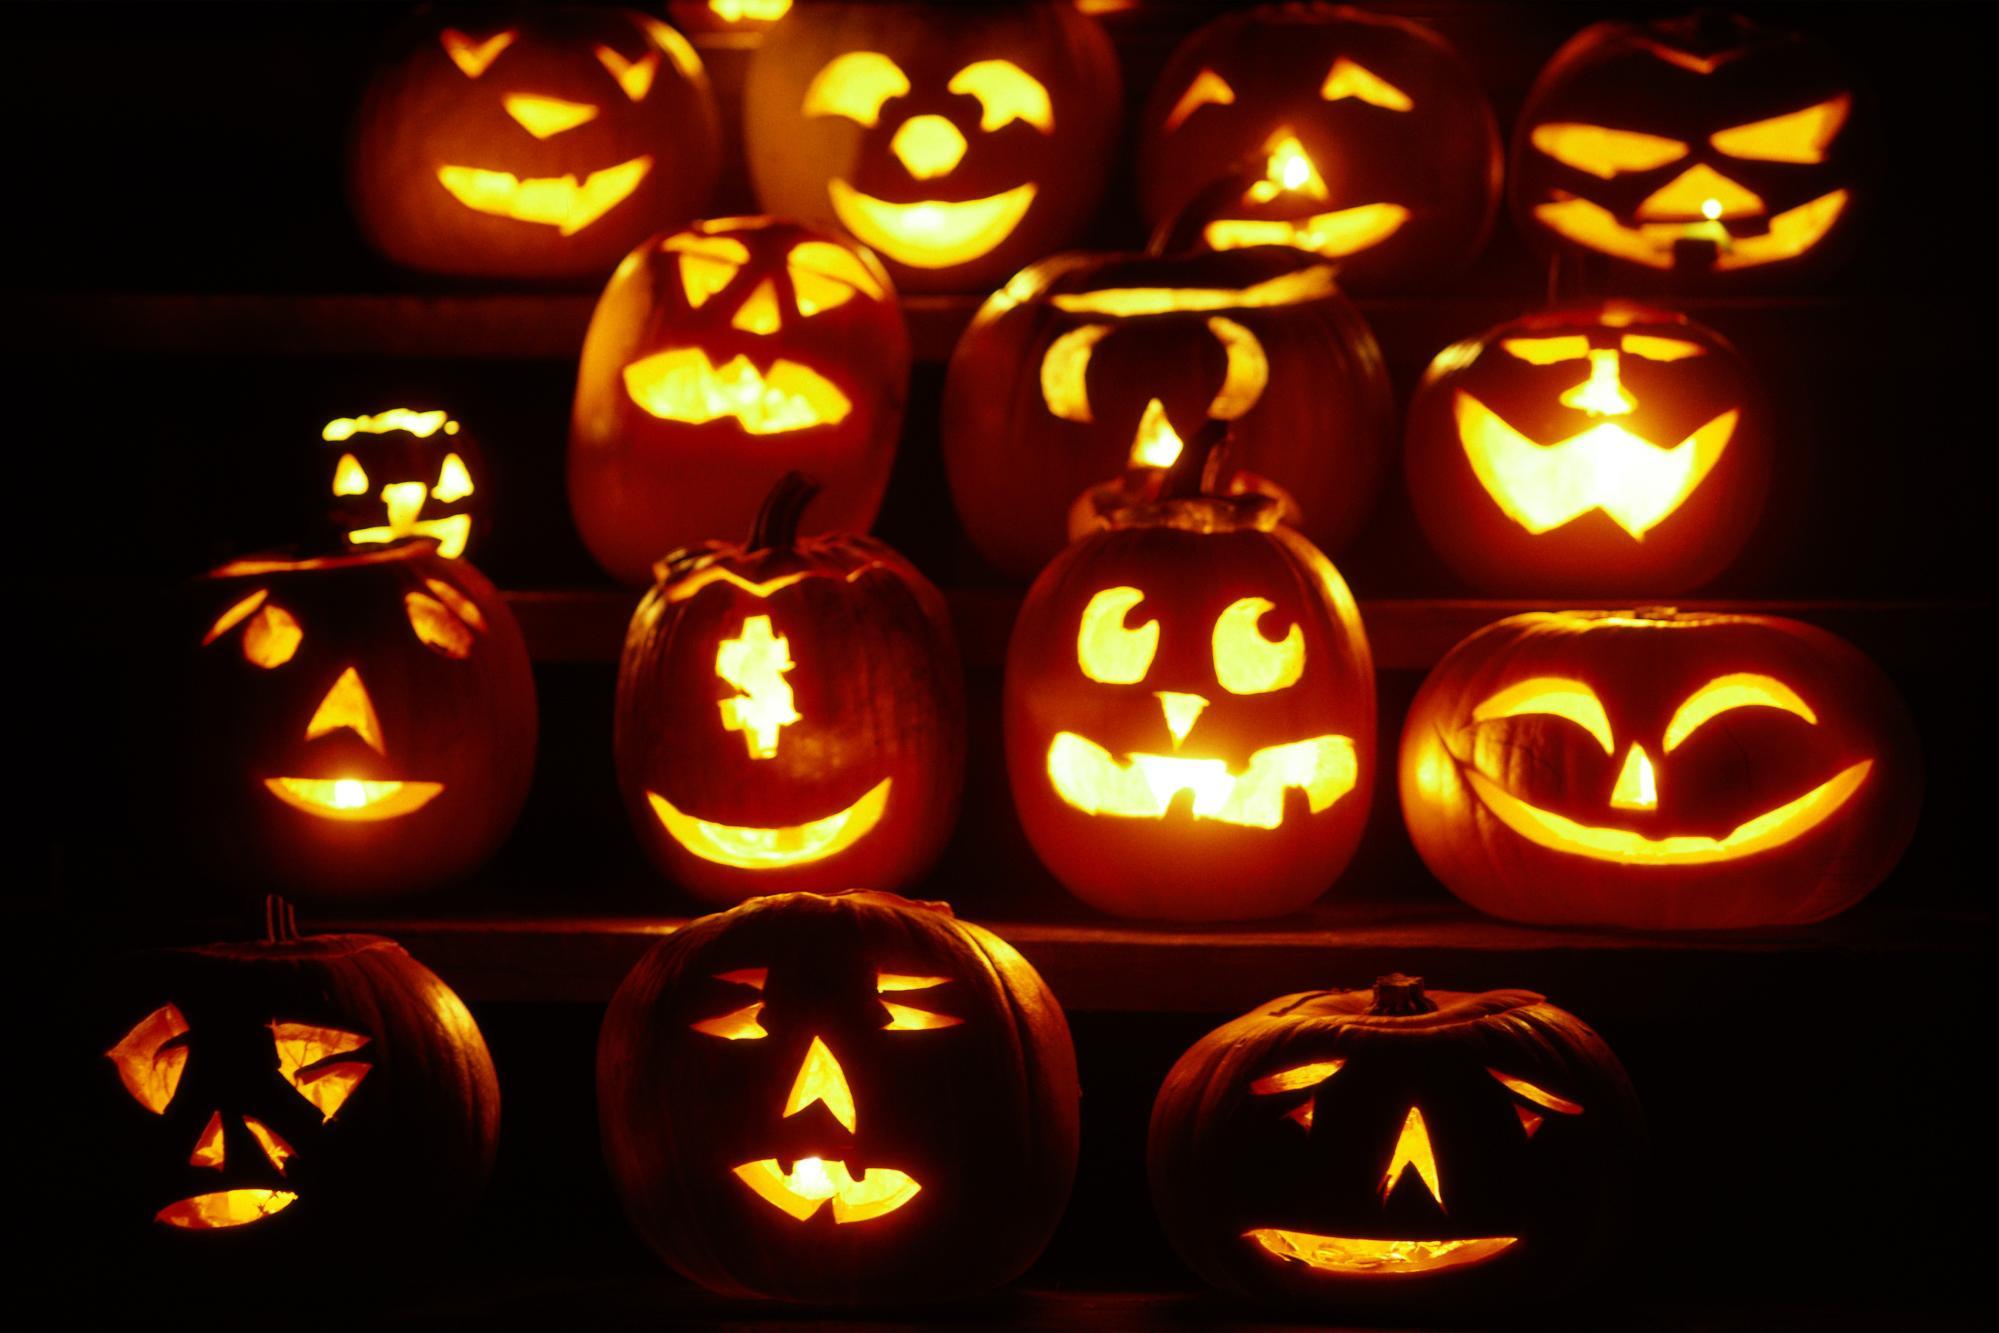 Halloween Pumpkin Backgrounds 1999x1333